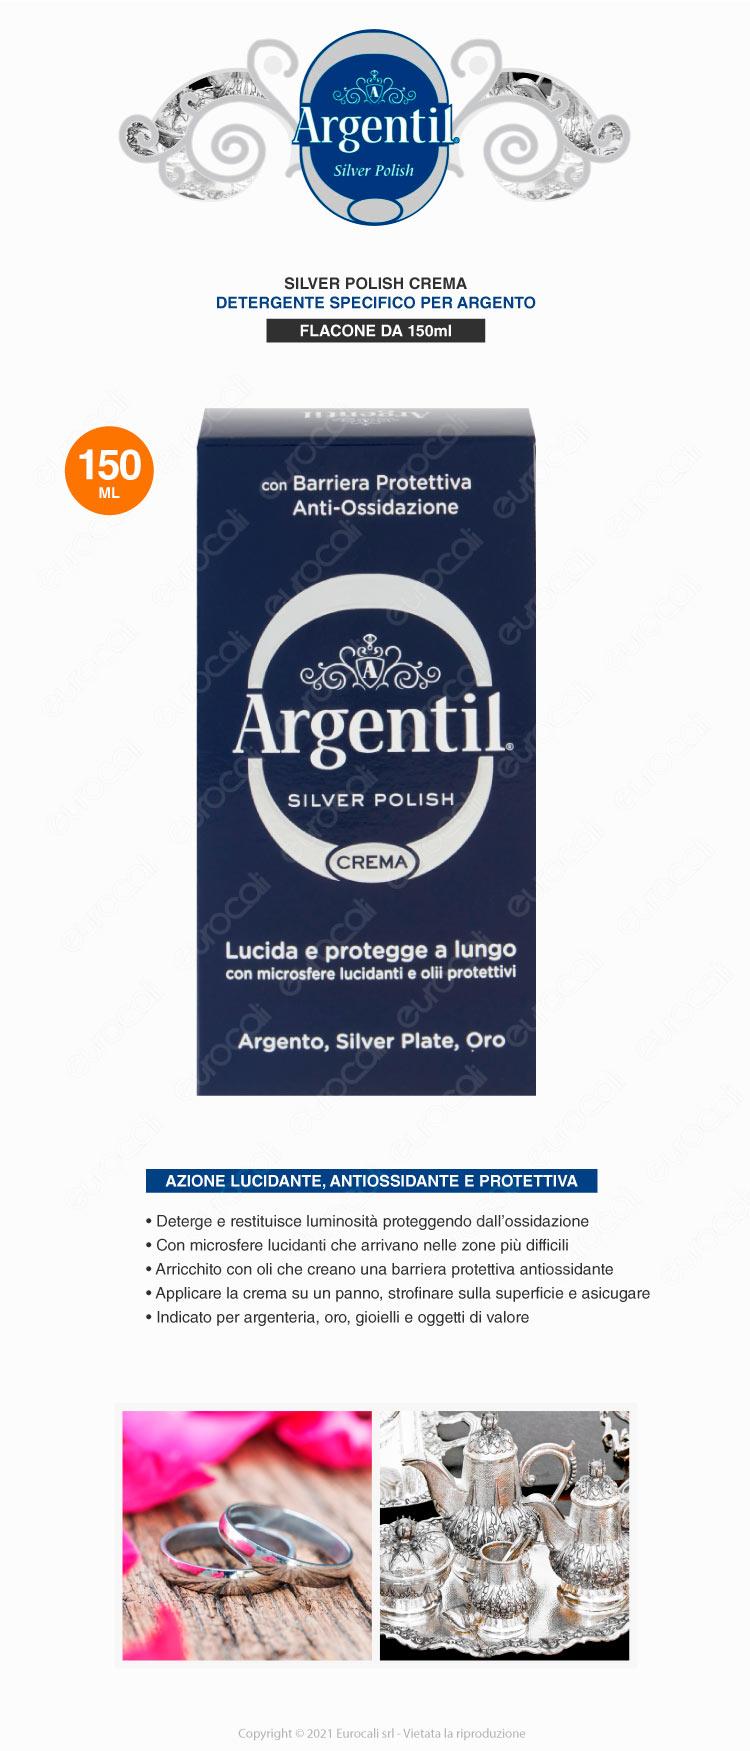 argentil crema